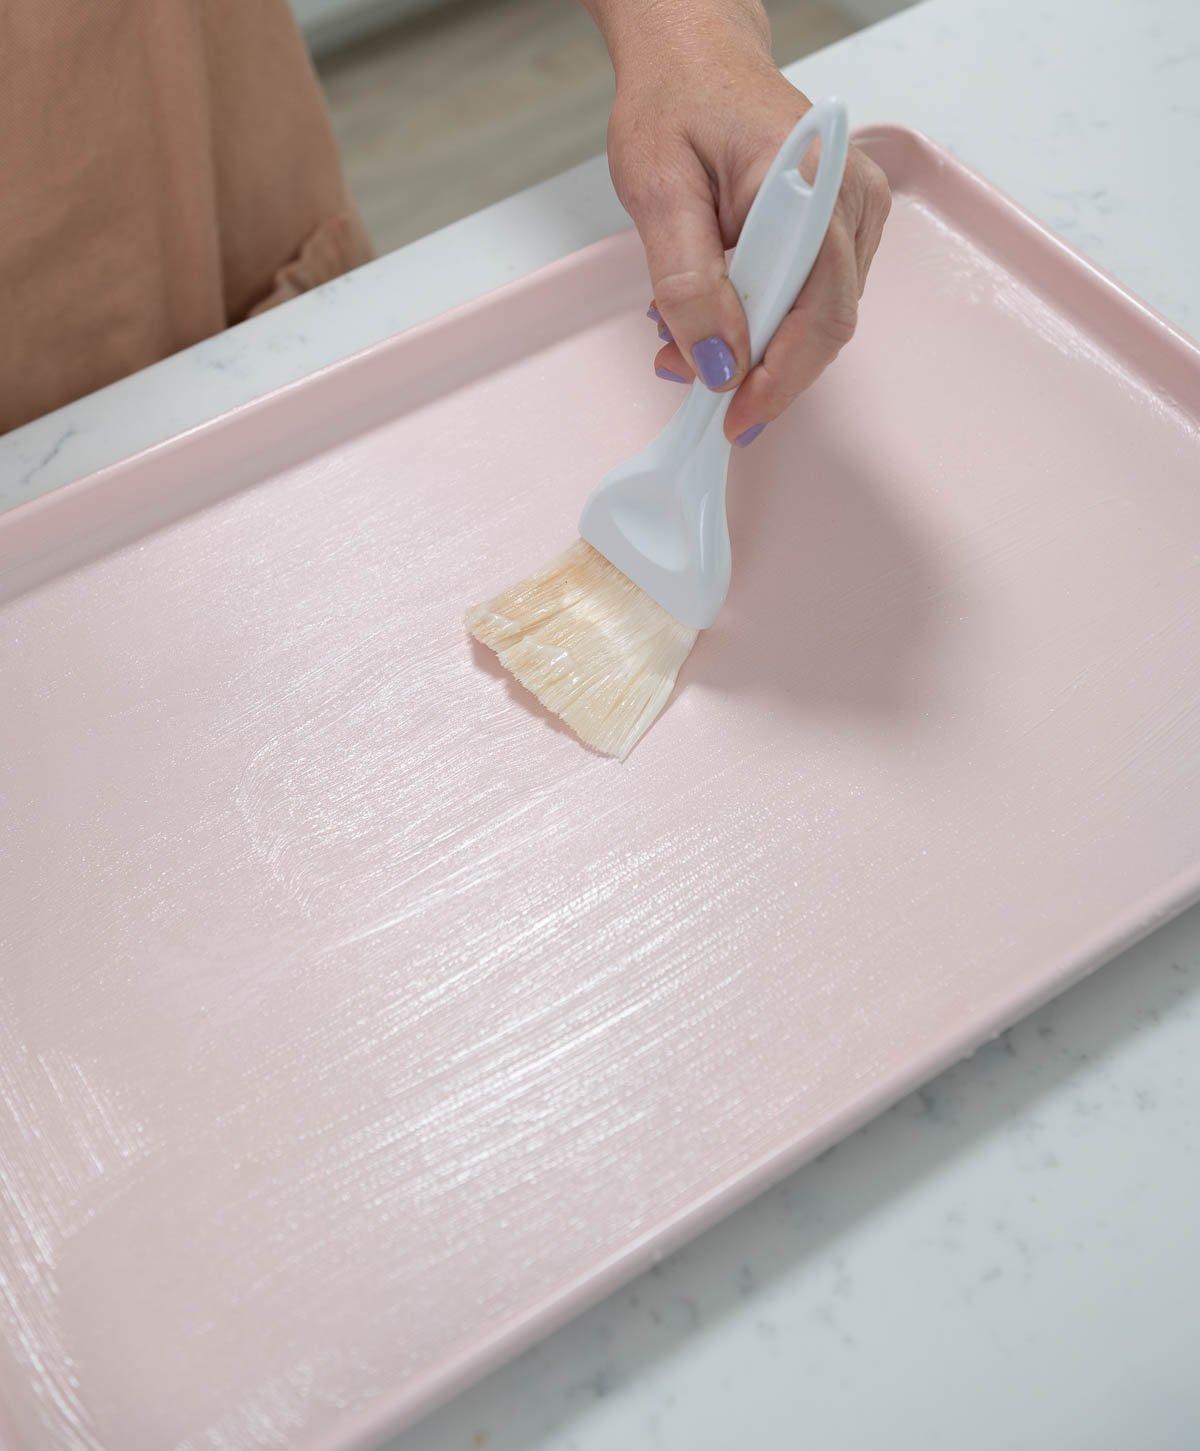 brushing cake goop on a pink sheet pan